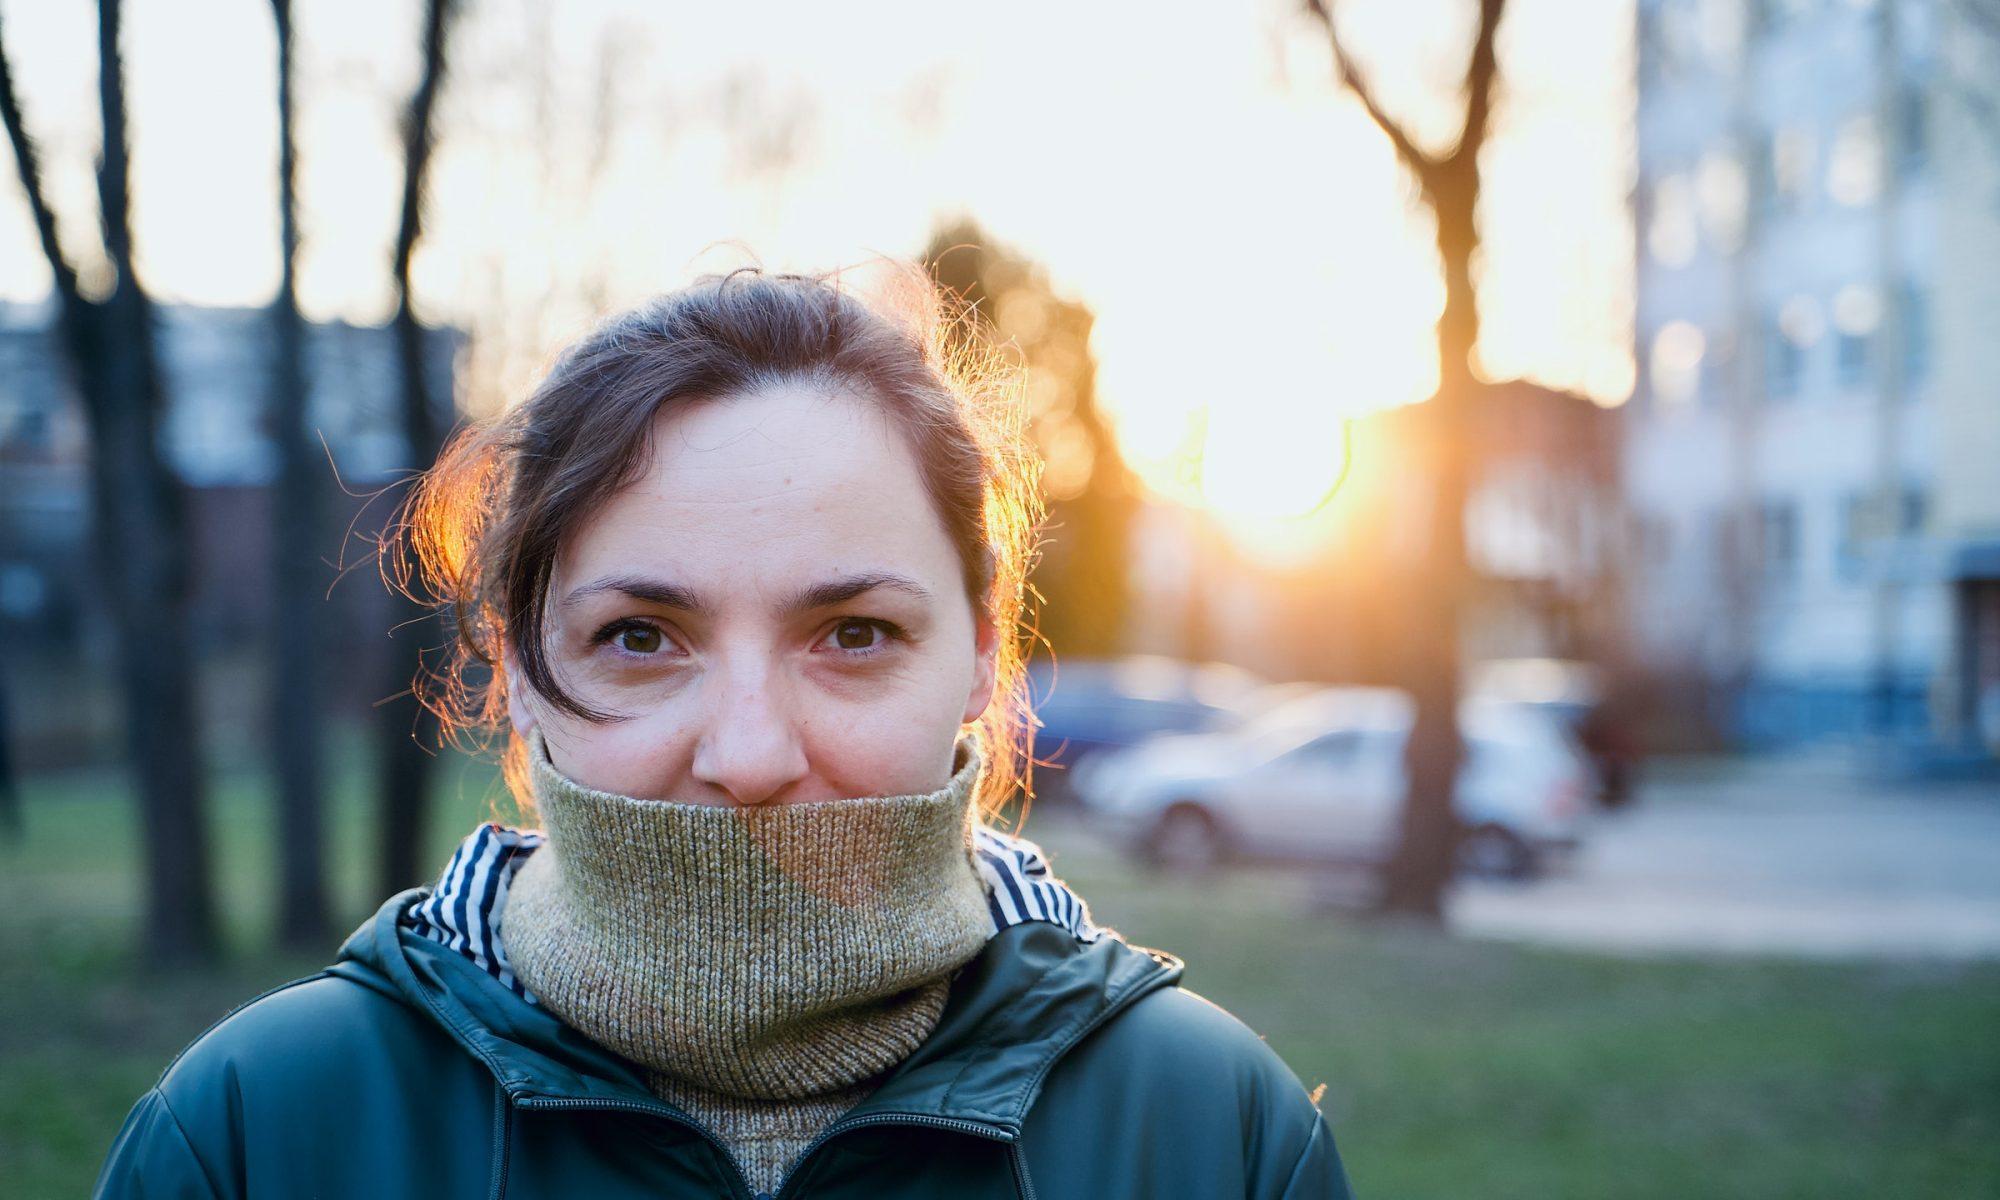 Henkilö katsoo kameraan aurinkoisessa puistossa, poolokaulus suun eteen vedettynä